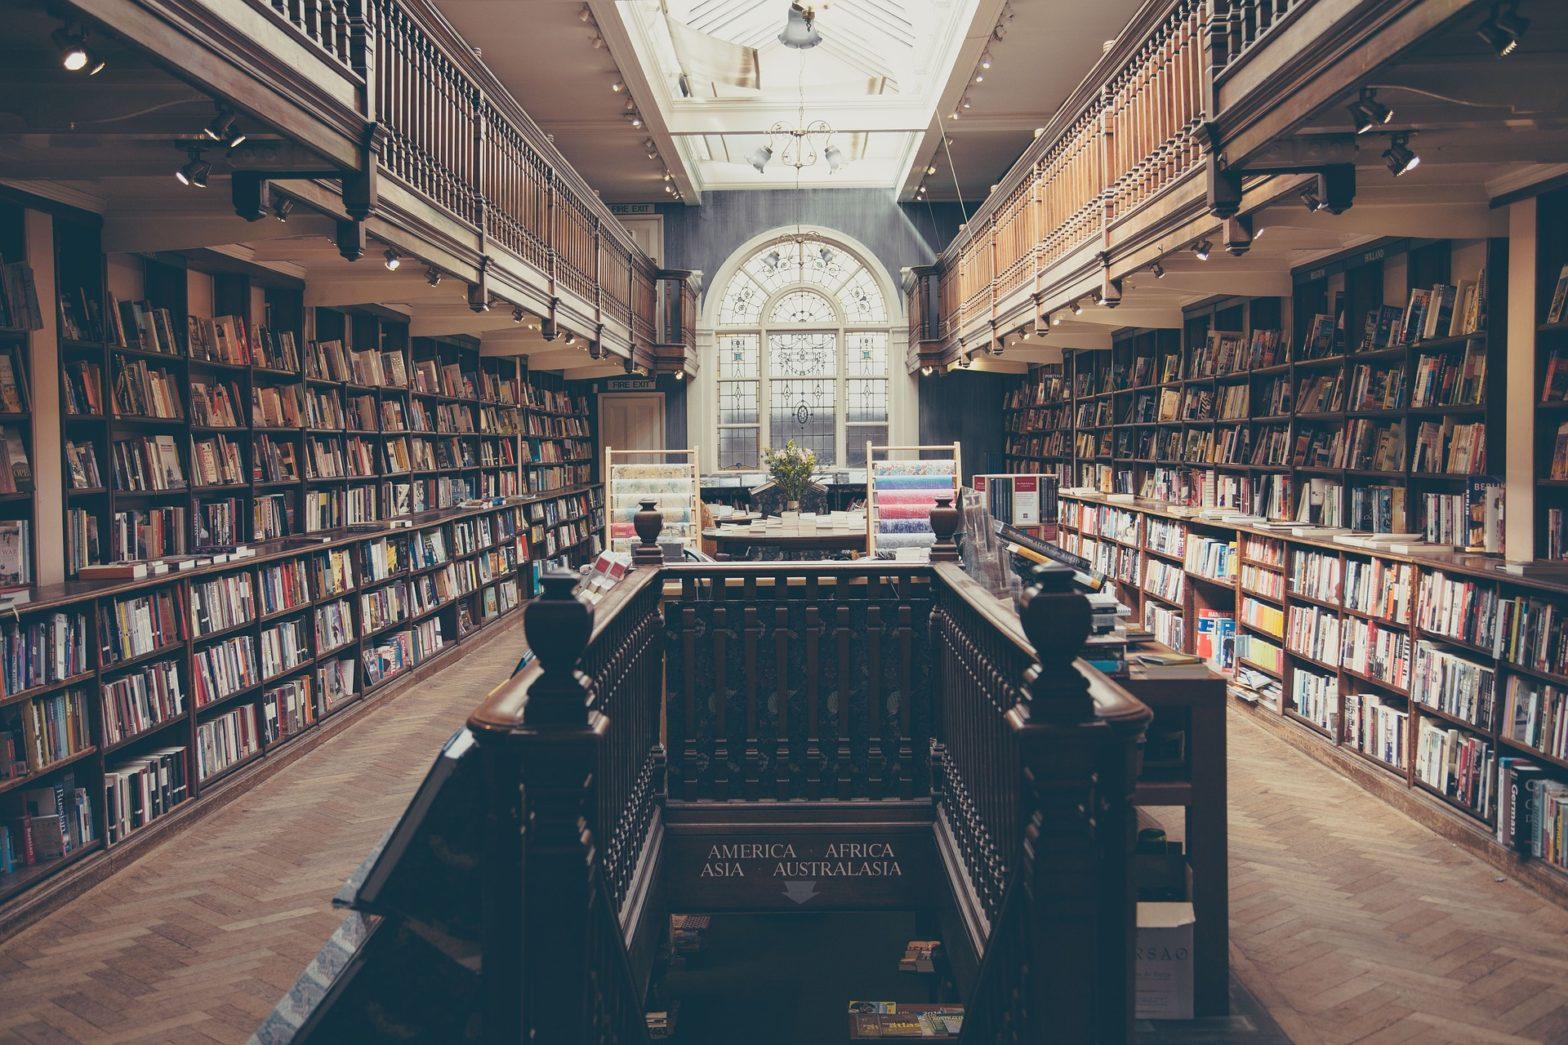 Biblioteka to starożytny sposób zarządzania danymi, informacjami i wiedzą.